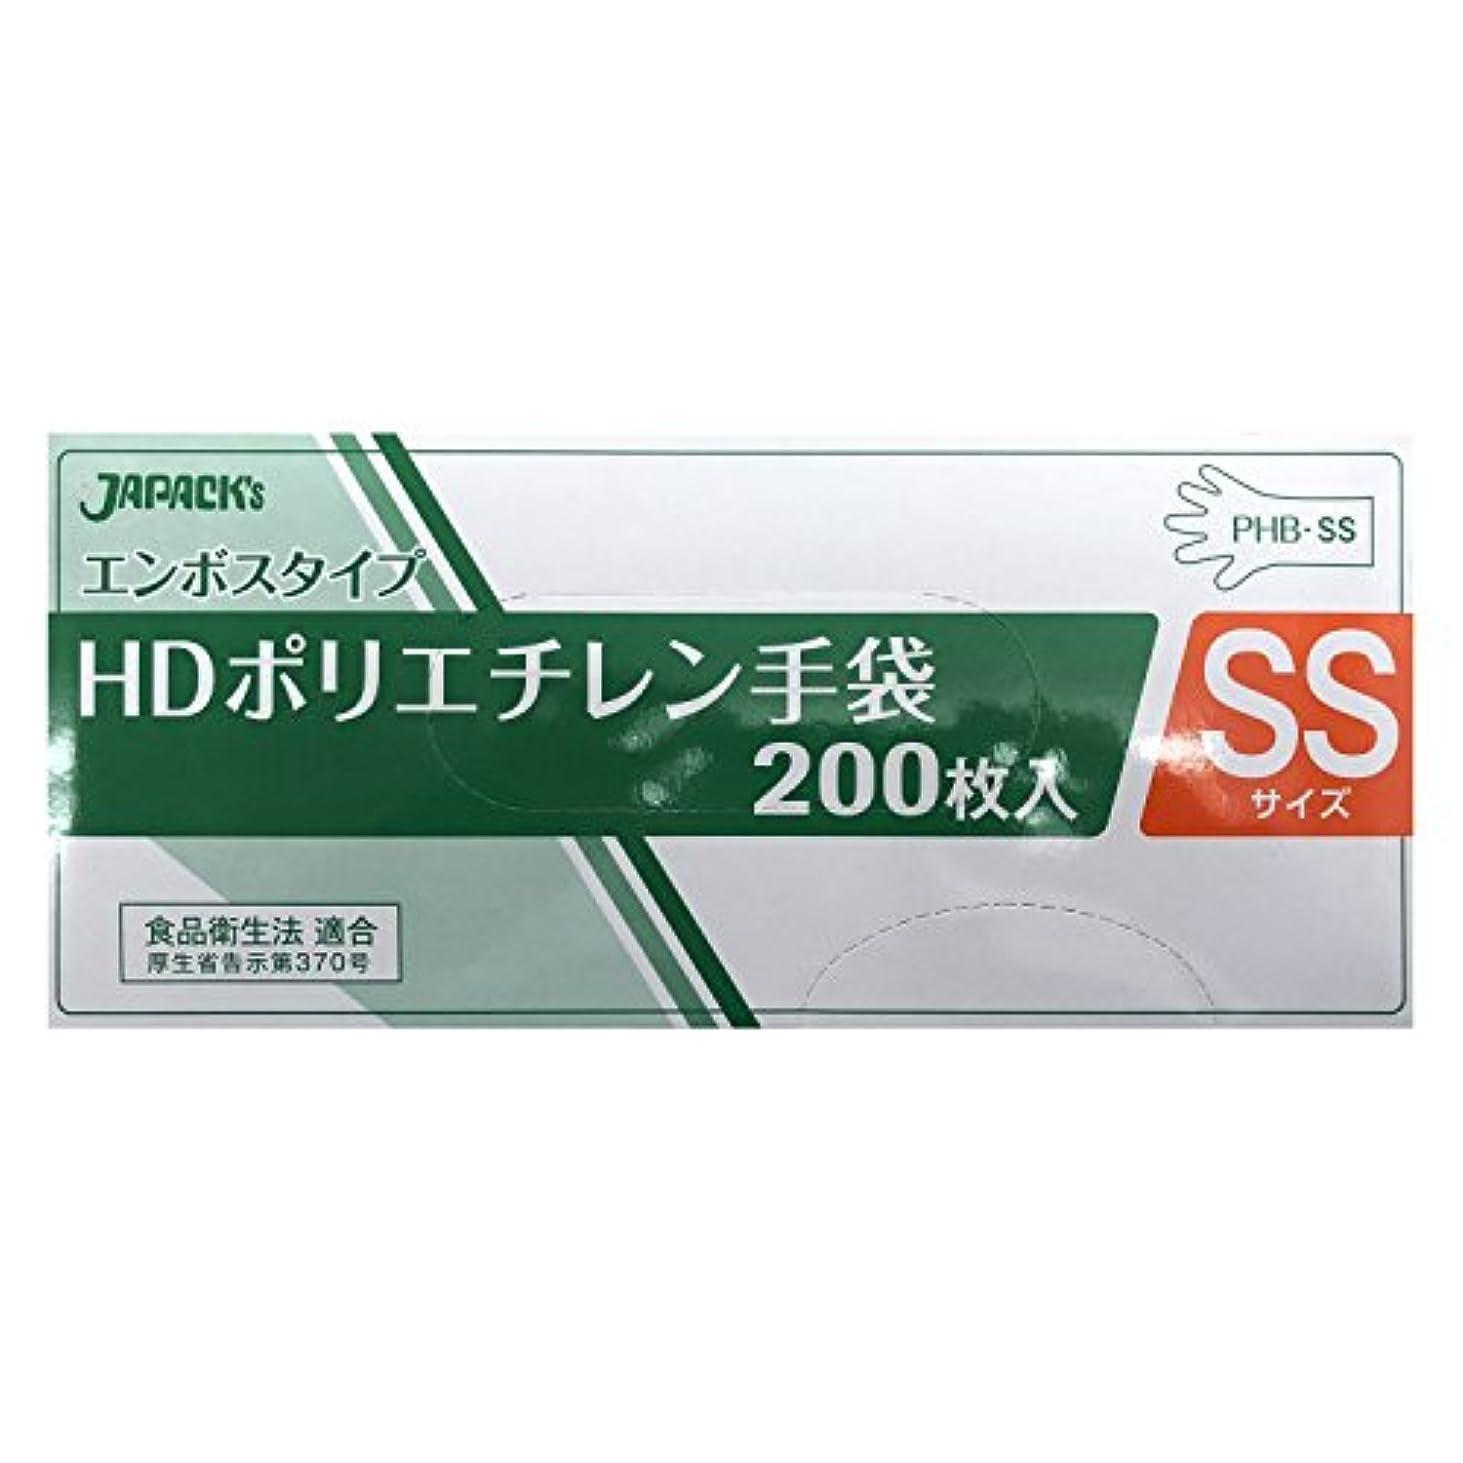 堂々たる行う残酷なエンボスタイプ HDポリエチレン手袋 SSサイズ BOX 200枚入 無着色 PHB-SS